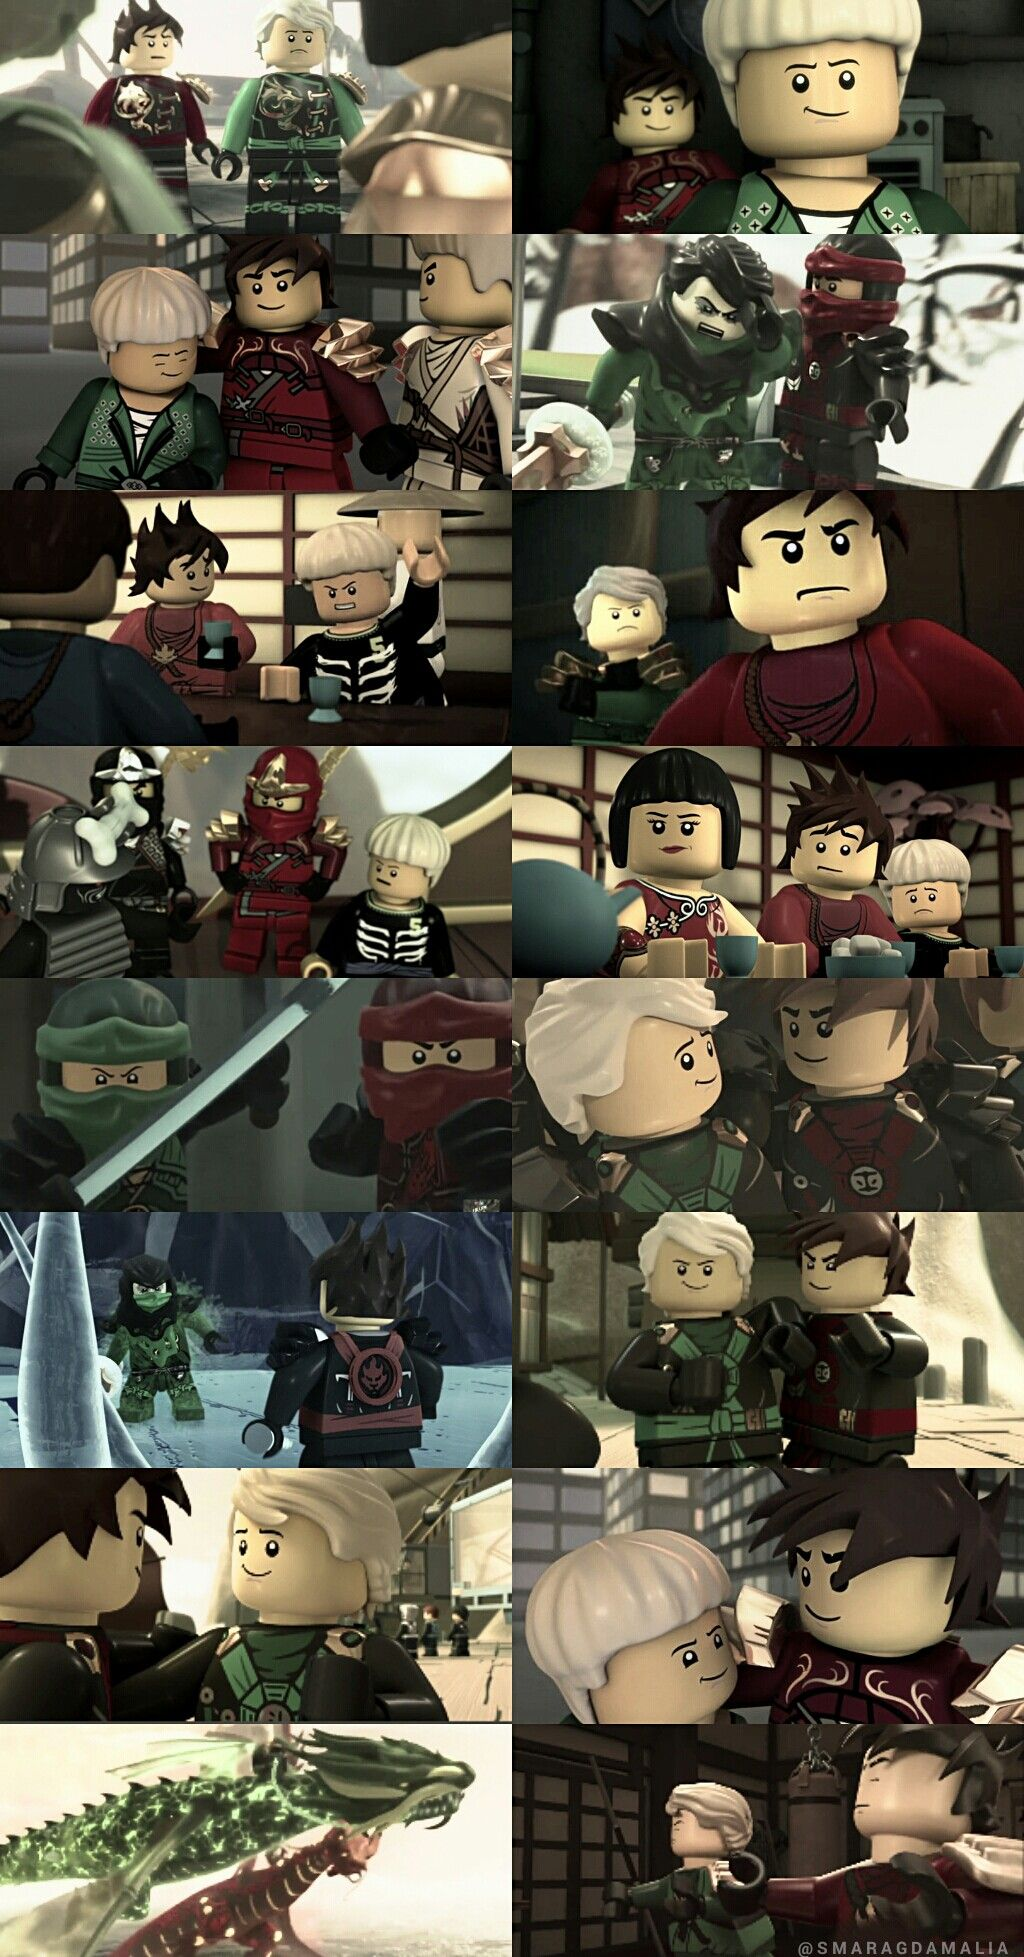 Pin by trng nguyn on kai x lloyd t lego ninjago lego - Ninjago lloyd and kai ...